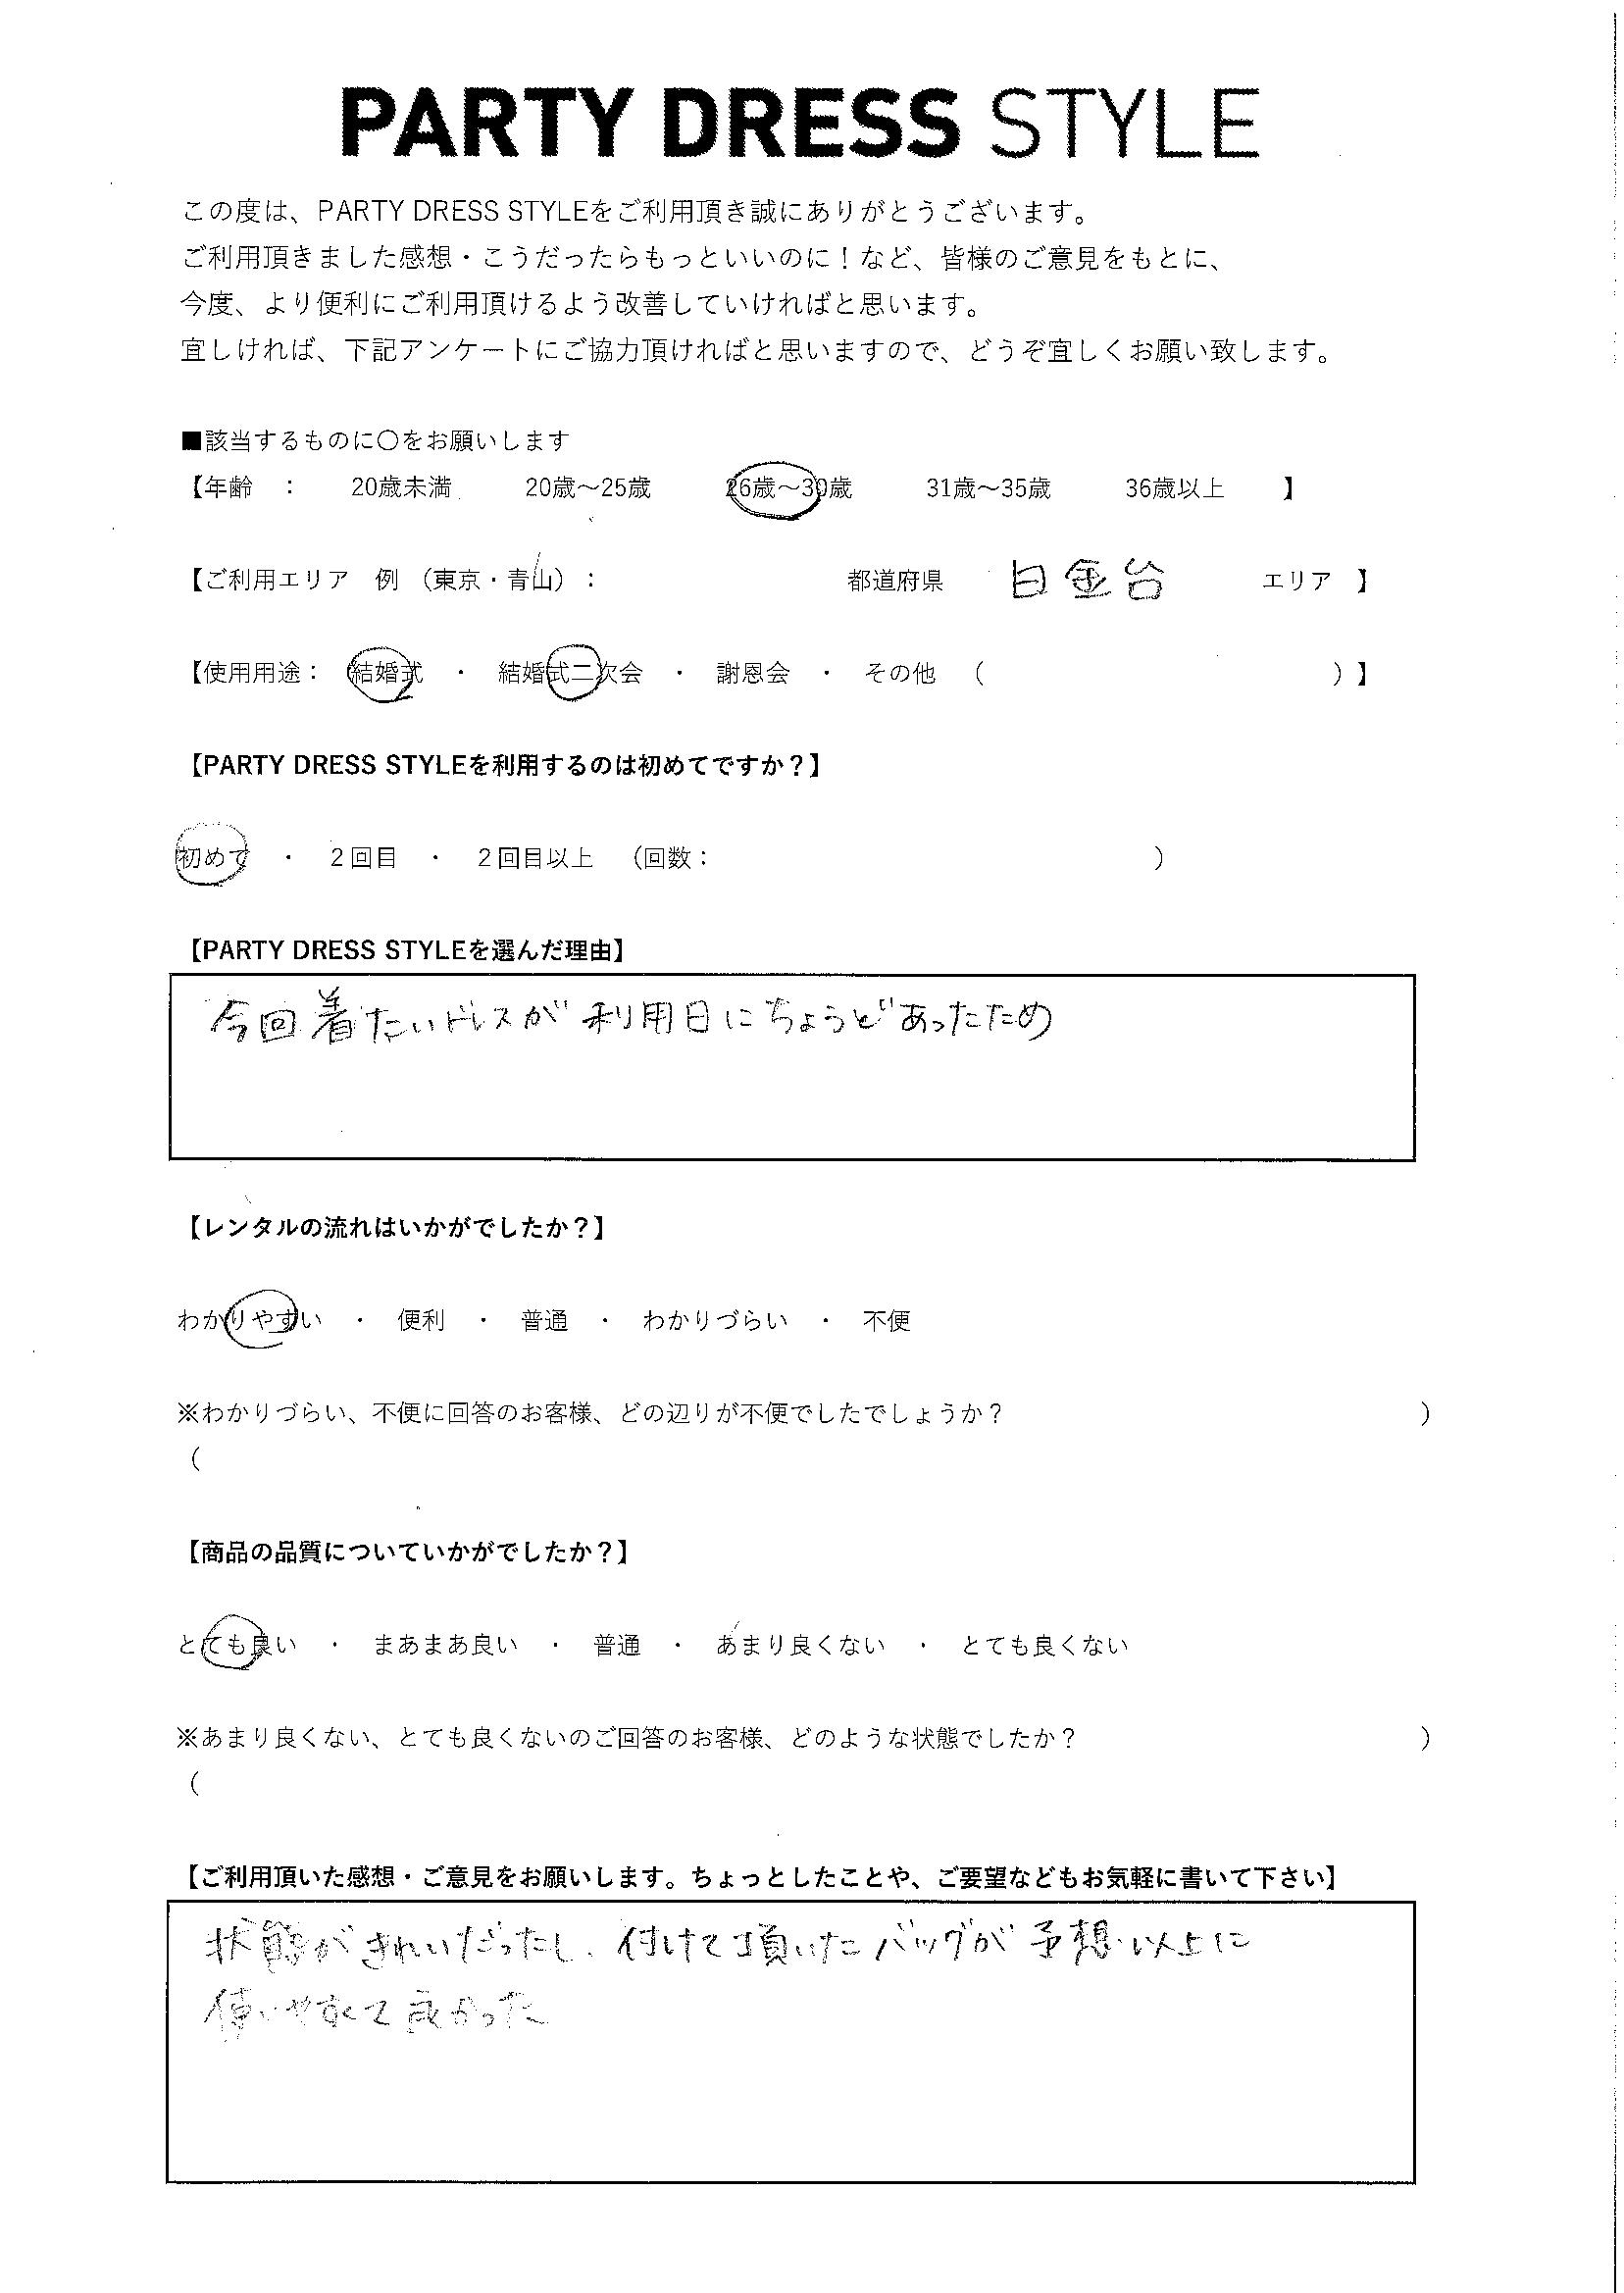 11/17結婚式・結婚式二次会ご利用 東京・白金台エリア